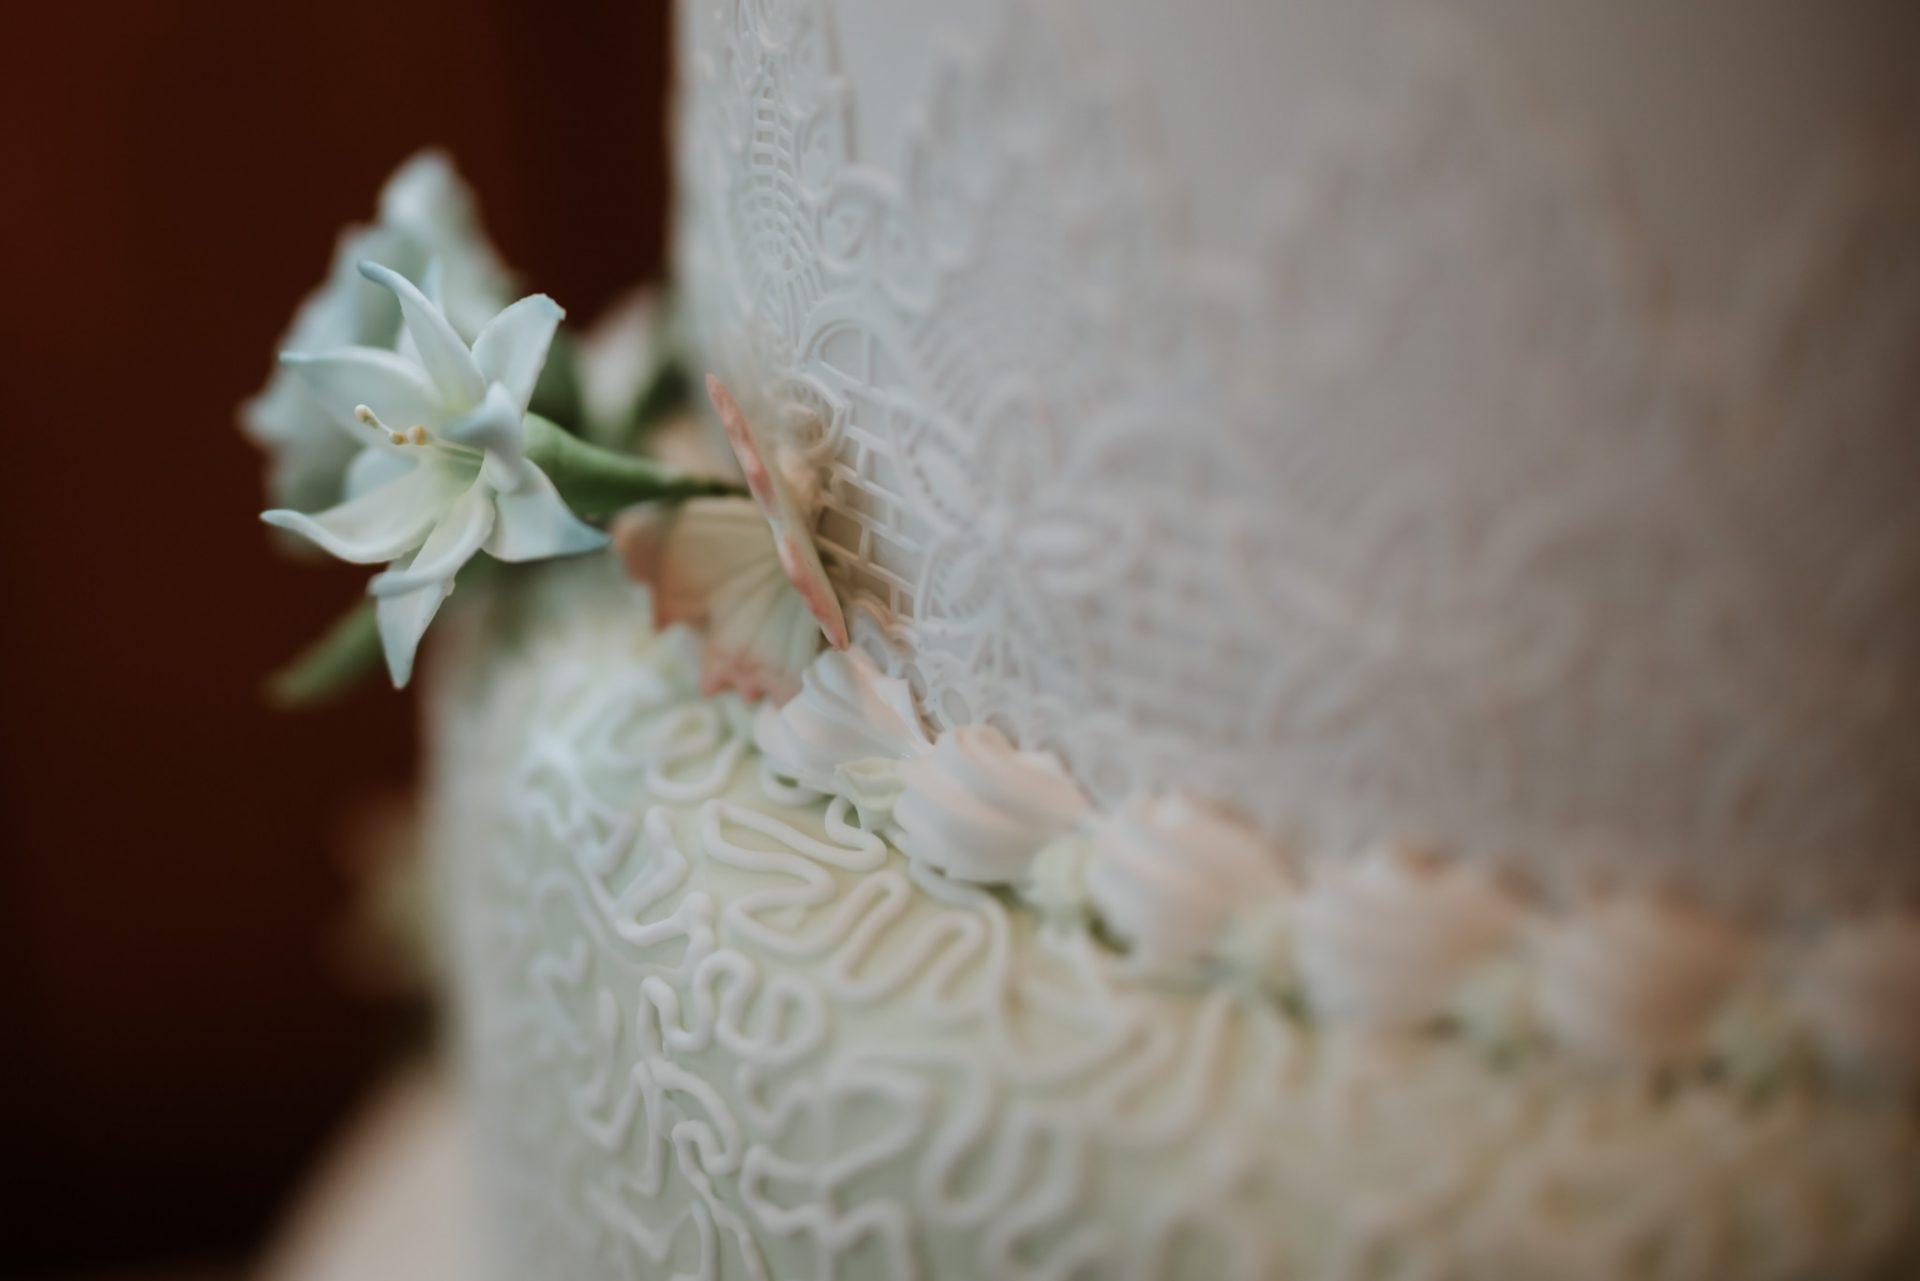 detail of white icing wedding cake